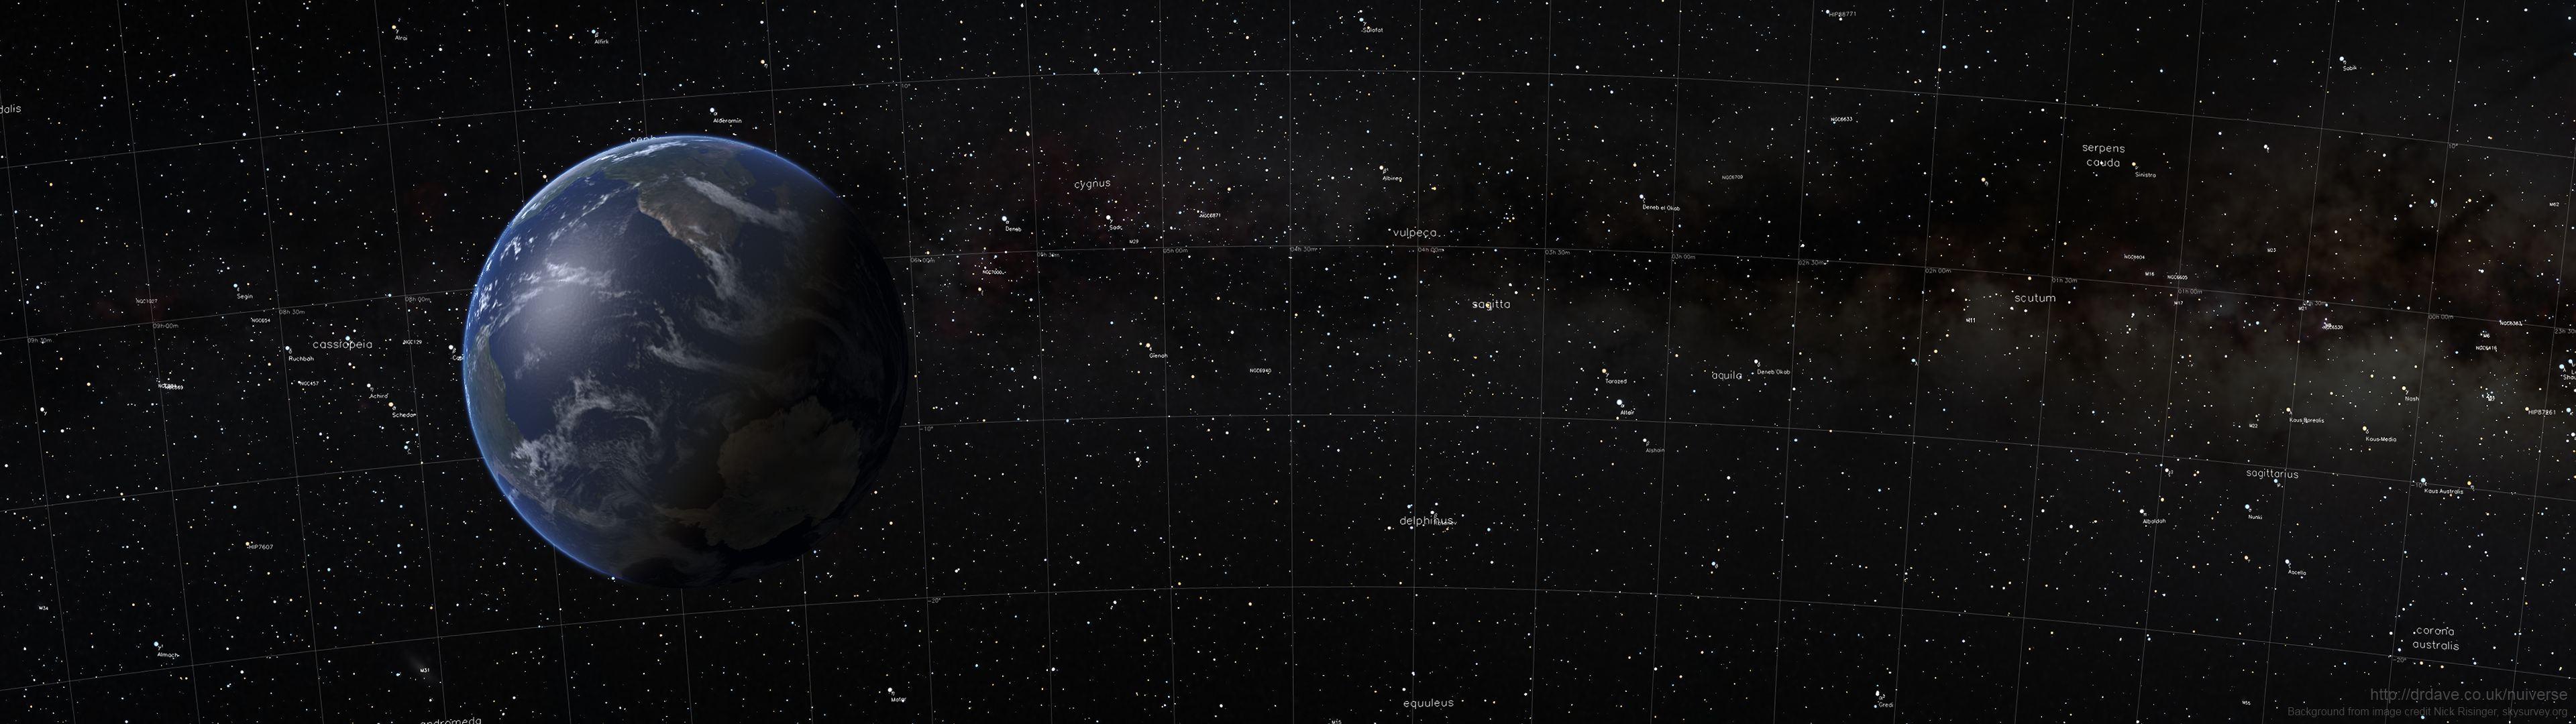 Source · 3840 x 1080 Dual Screen Wallpaper WallpaperSafari